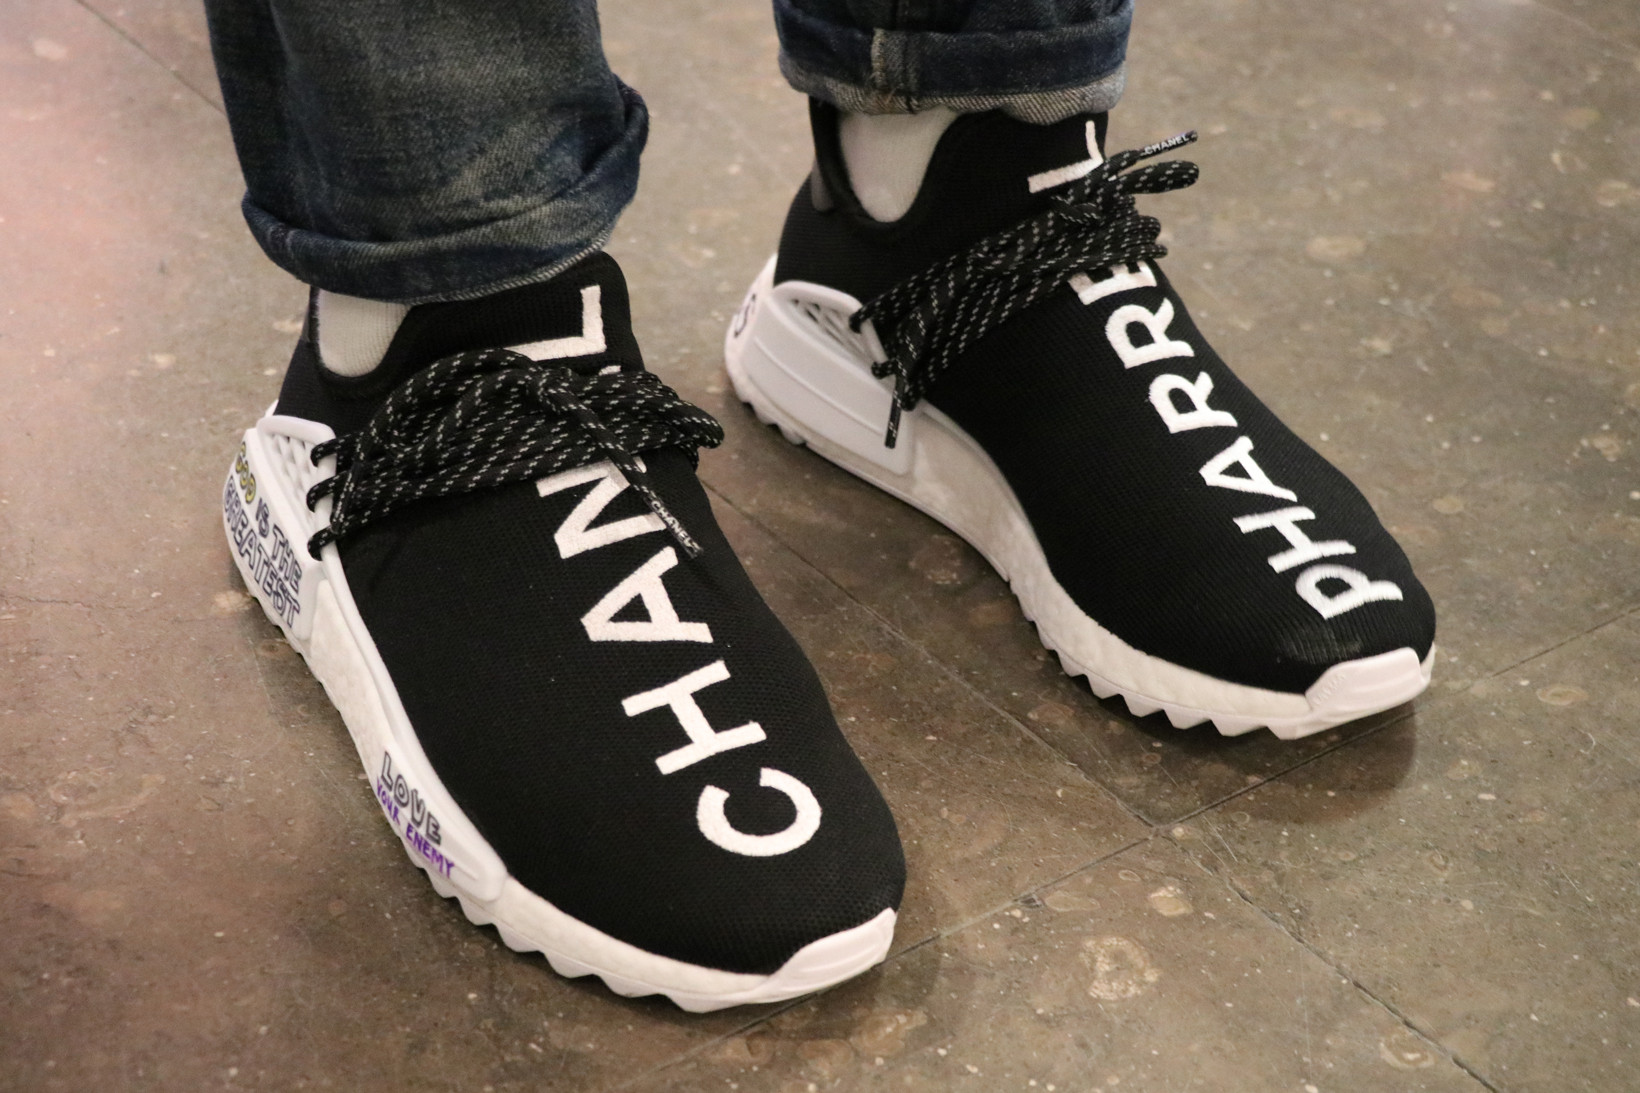 Chanel x adidas Originals Hu NMD On